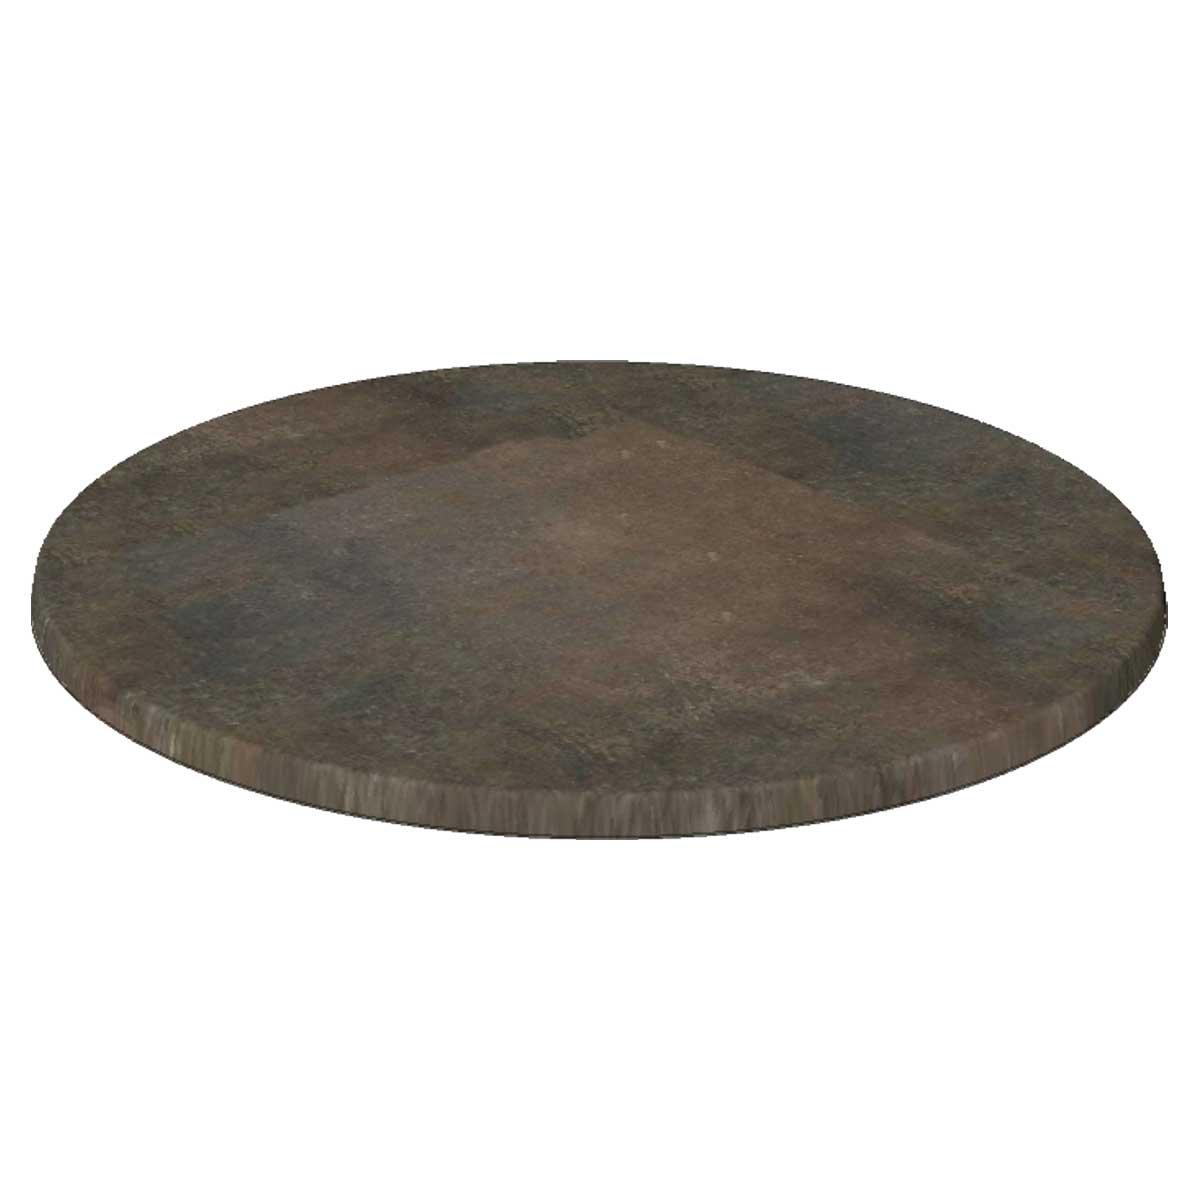 TICLA R70 083 - https://www.werzalit.com/fr/produit/plateau-de-table-classic-werzalit-r-oe80-083-factory/